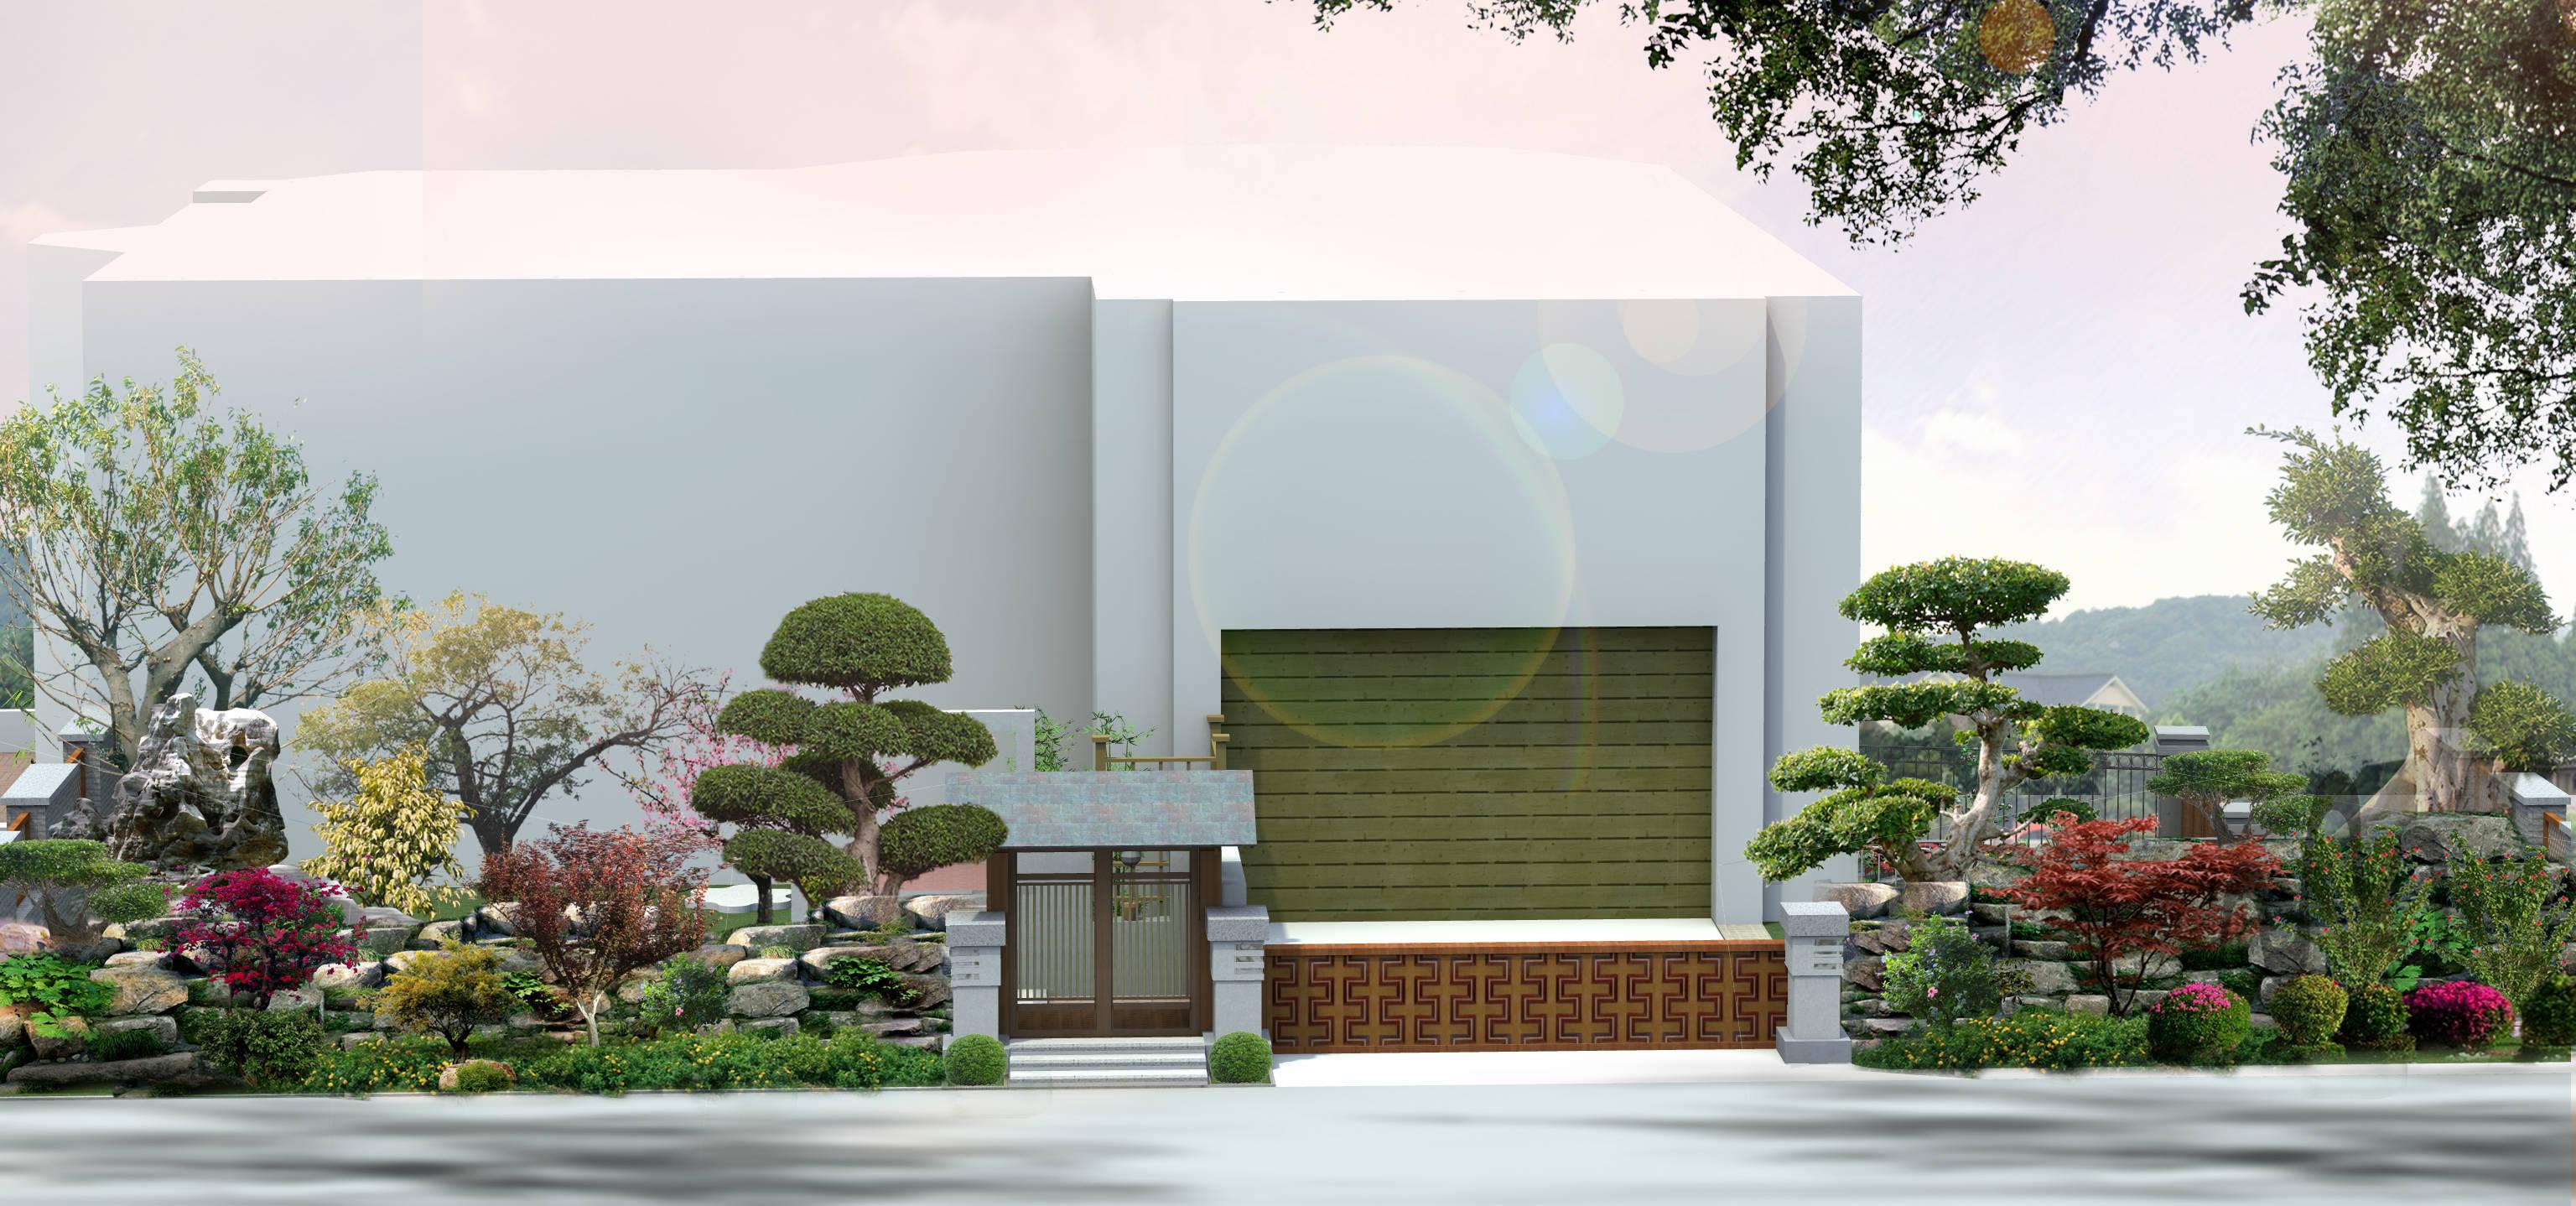 重庆保利高尔夫179栋别墅庭院设计(中式)